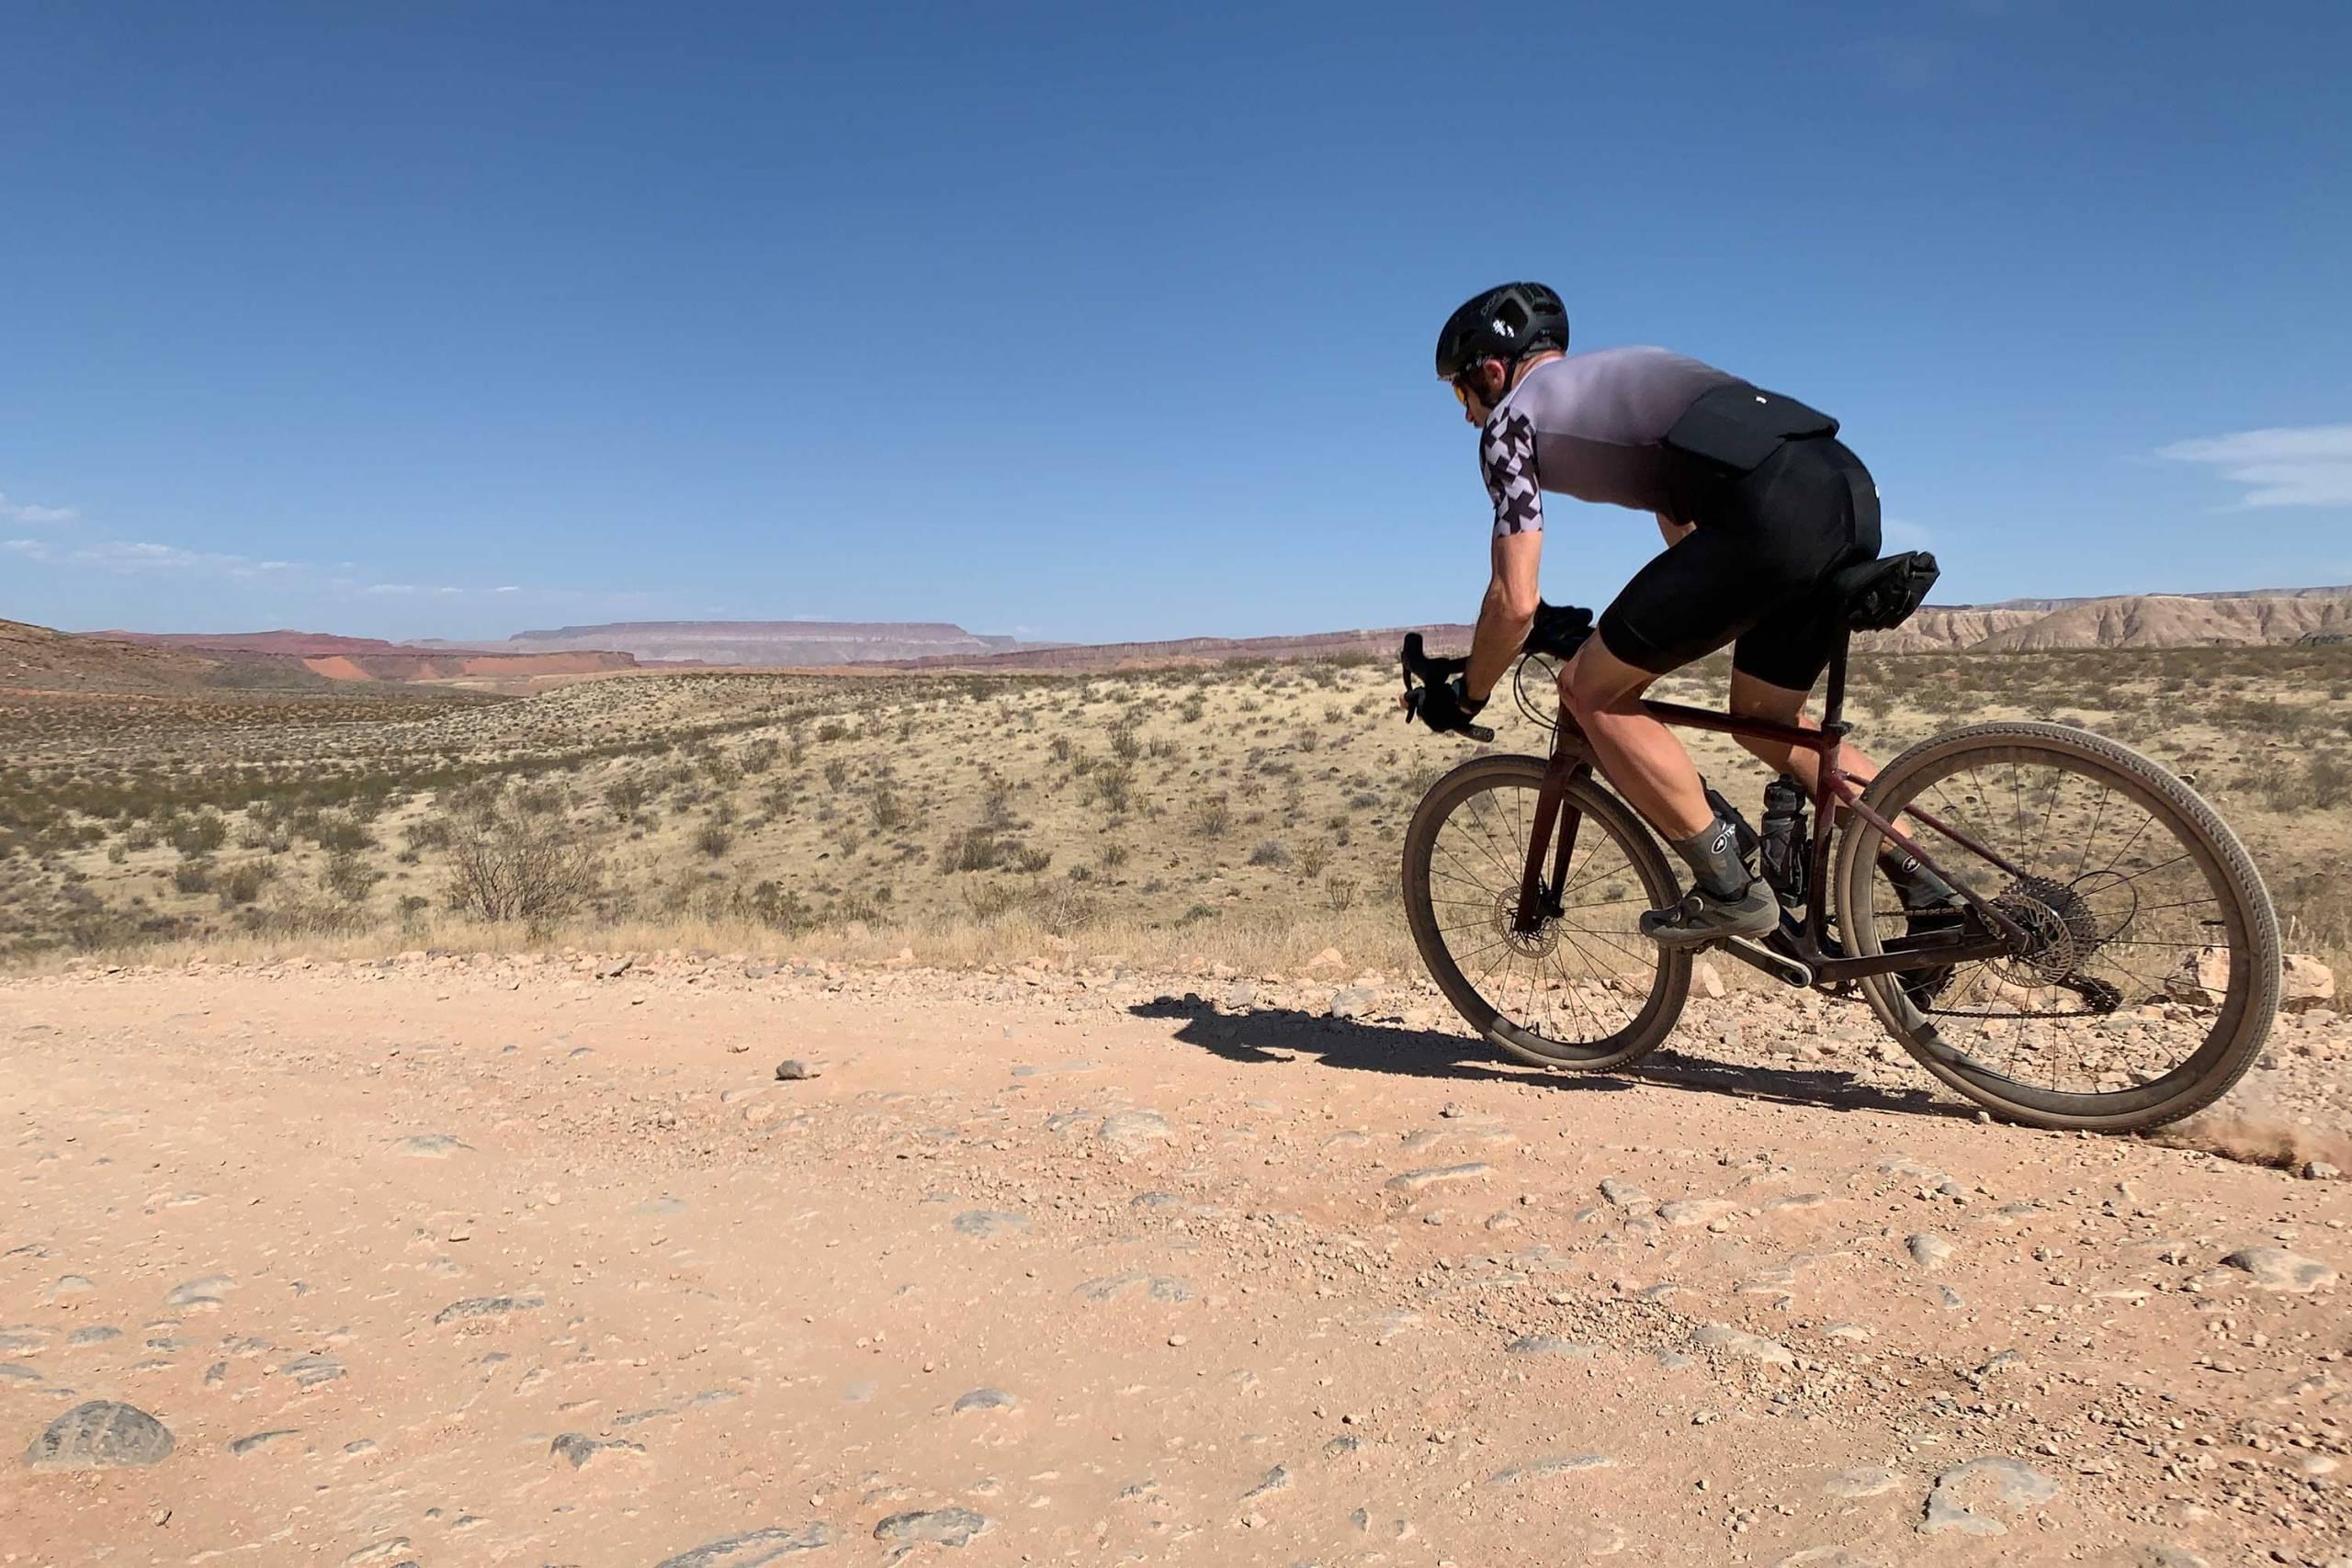 GearJunkie_Best_Gravel_Bike_2021_Specialized_Diverge_Pro_Carbon_2283